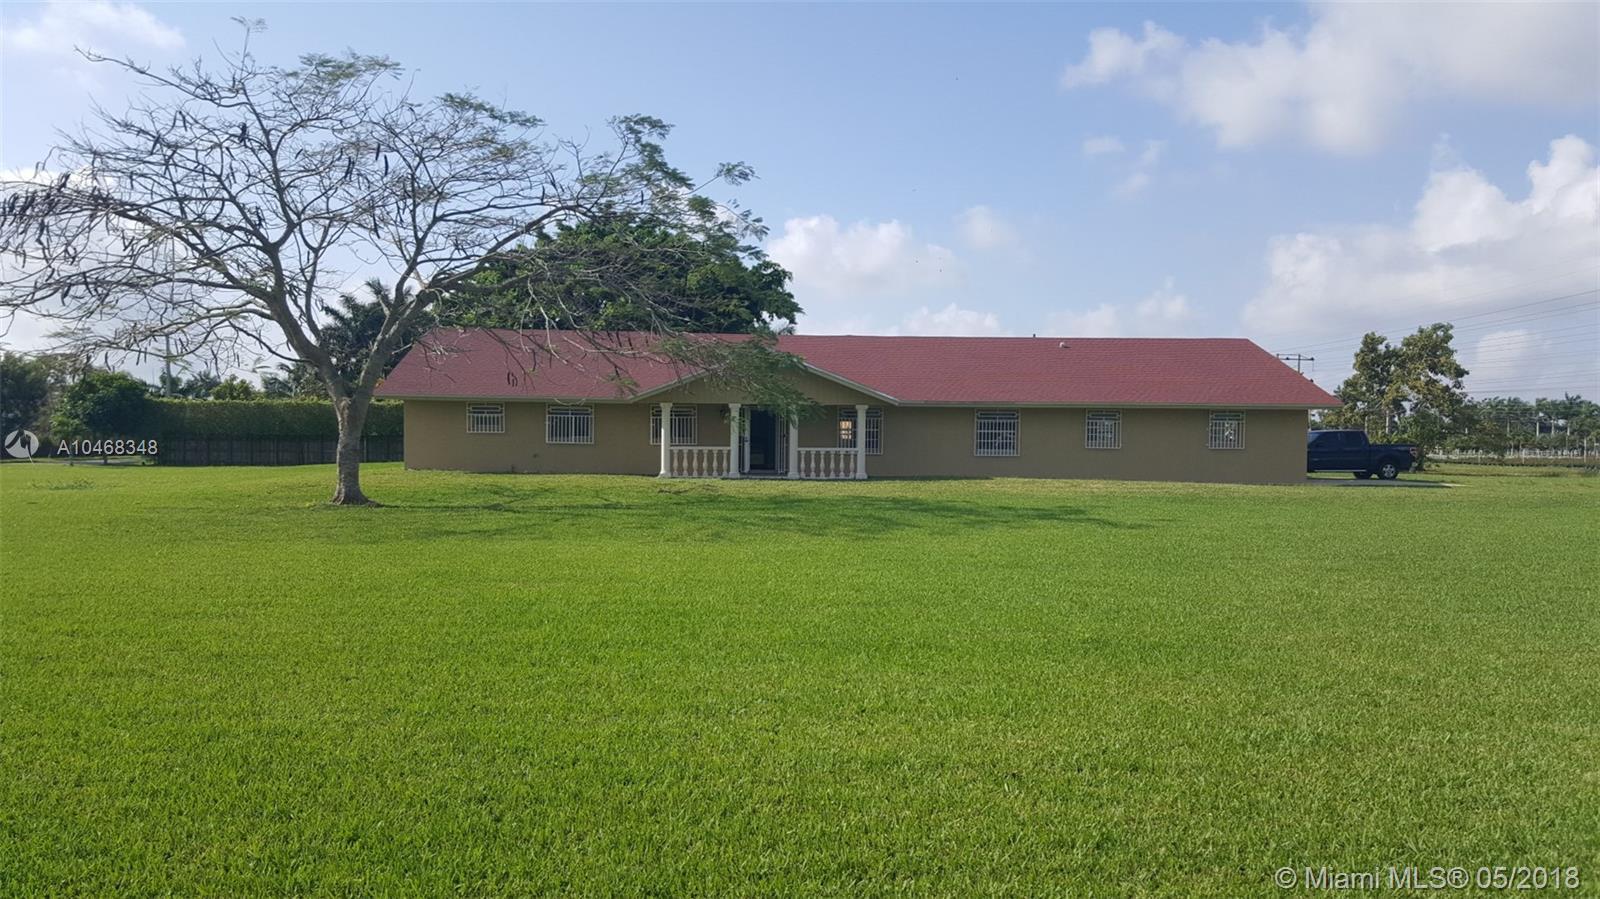 13310 SW 216th St, Miami, FL 33170 - Miami, FL real estate listing